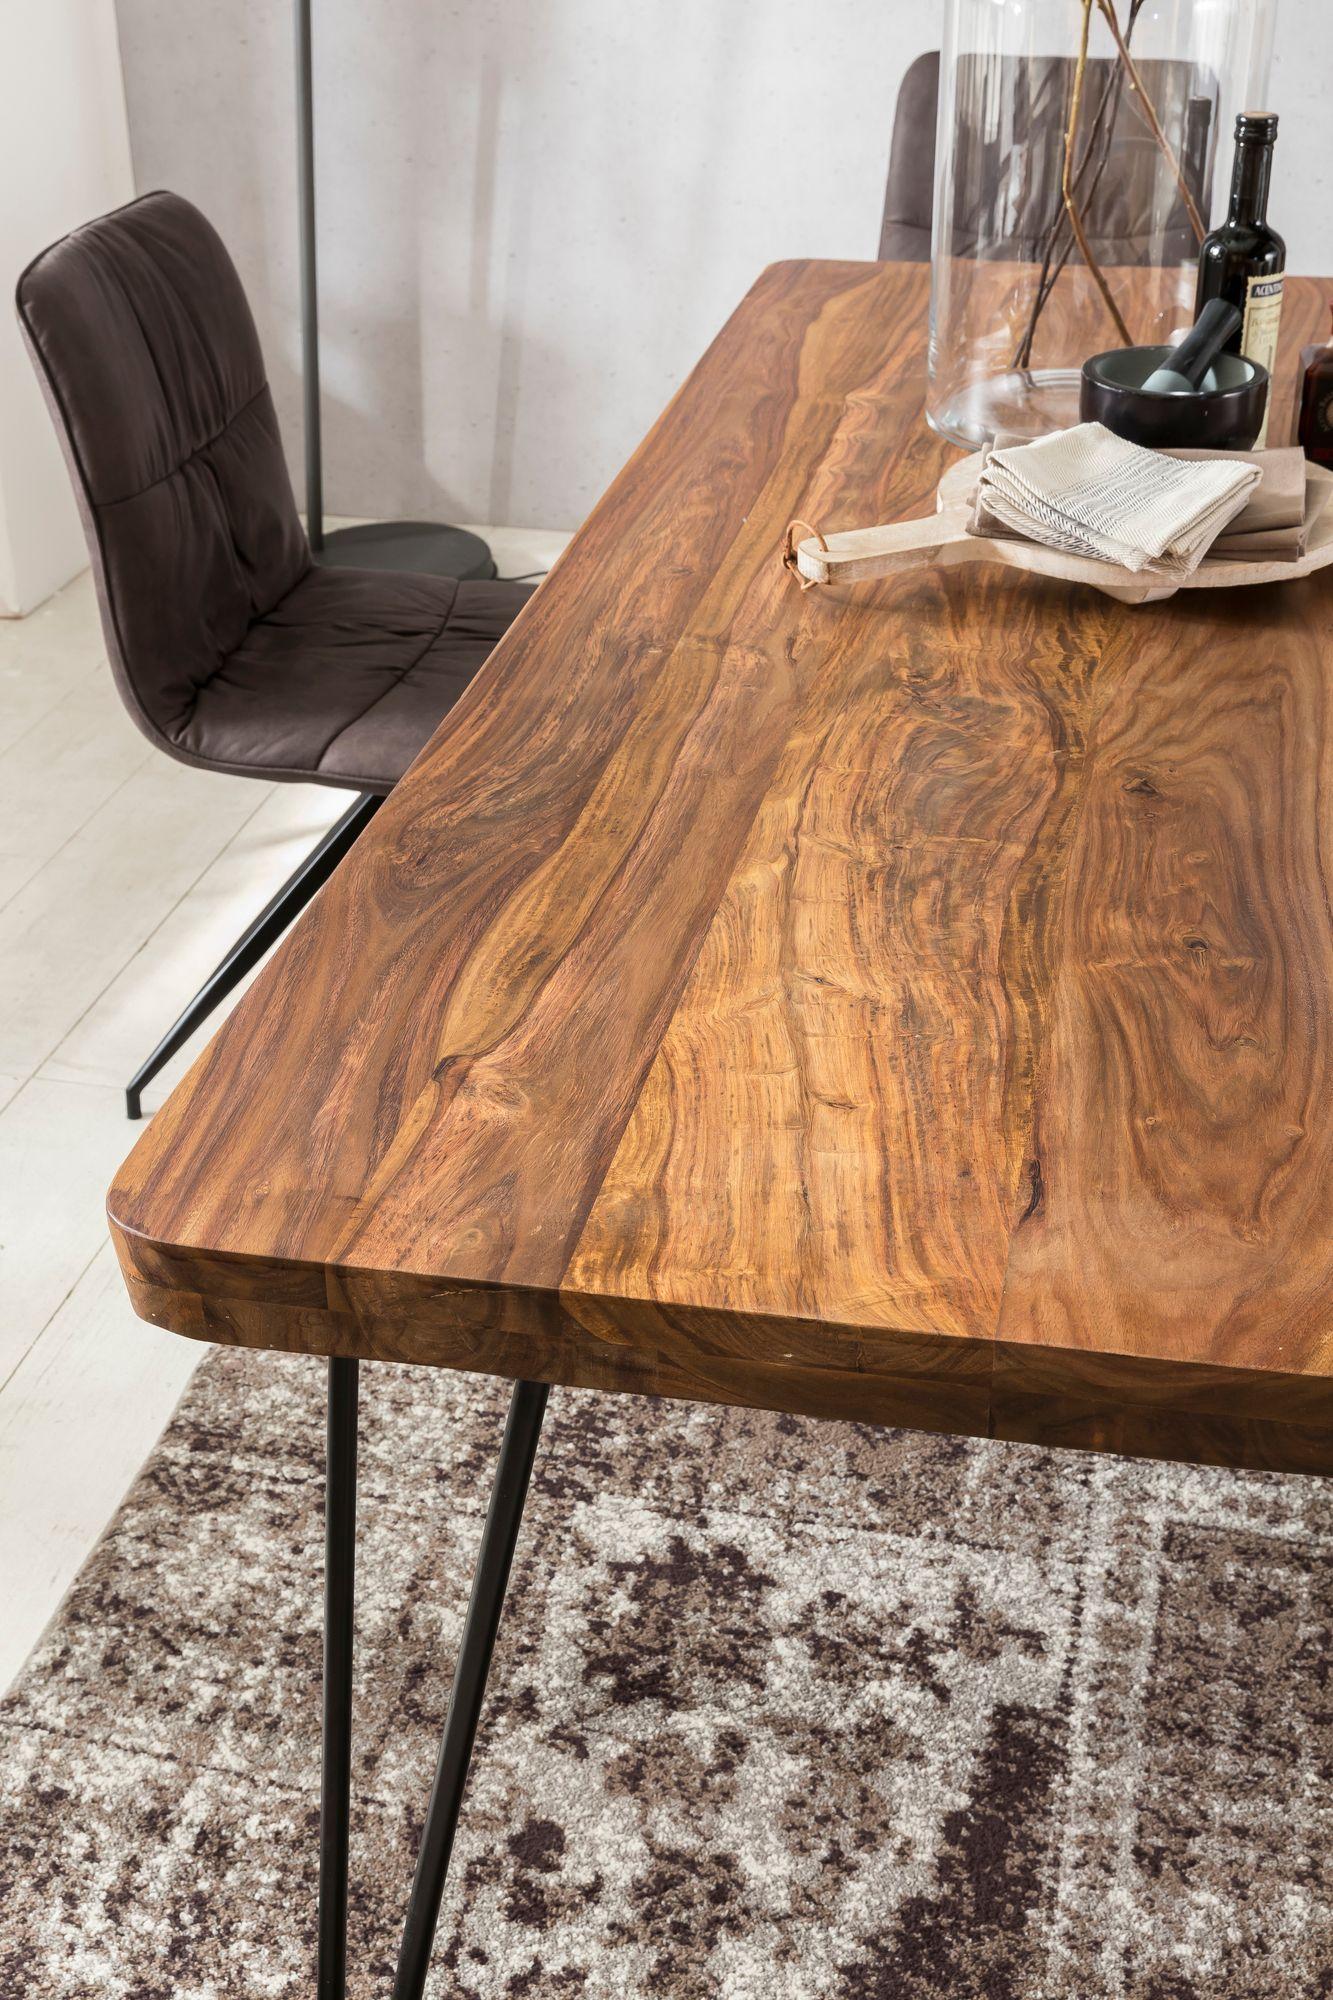 AuBergewohnlich Massiver Esstisch HARLEM Sheesham Massiv Holz | Esszimmertisch Massivholz  Mit Design Metall Beinen | Holztisch Tisch